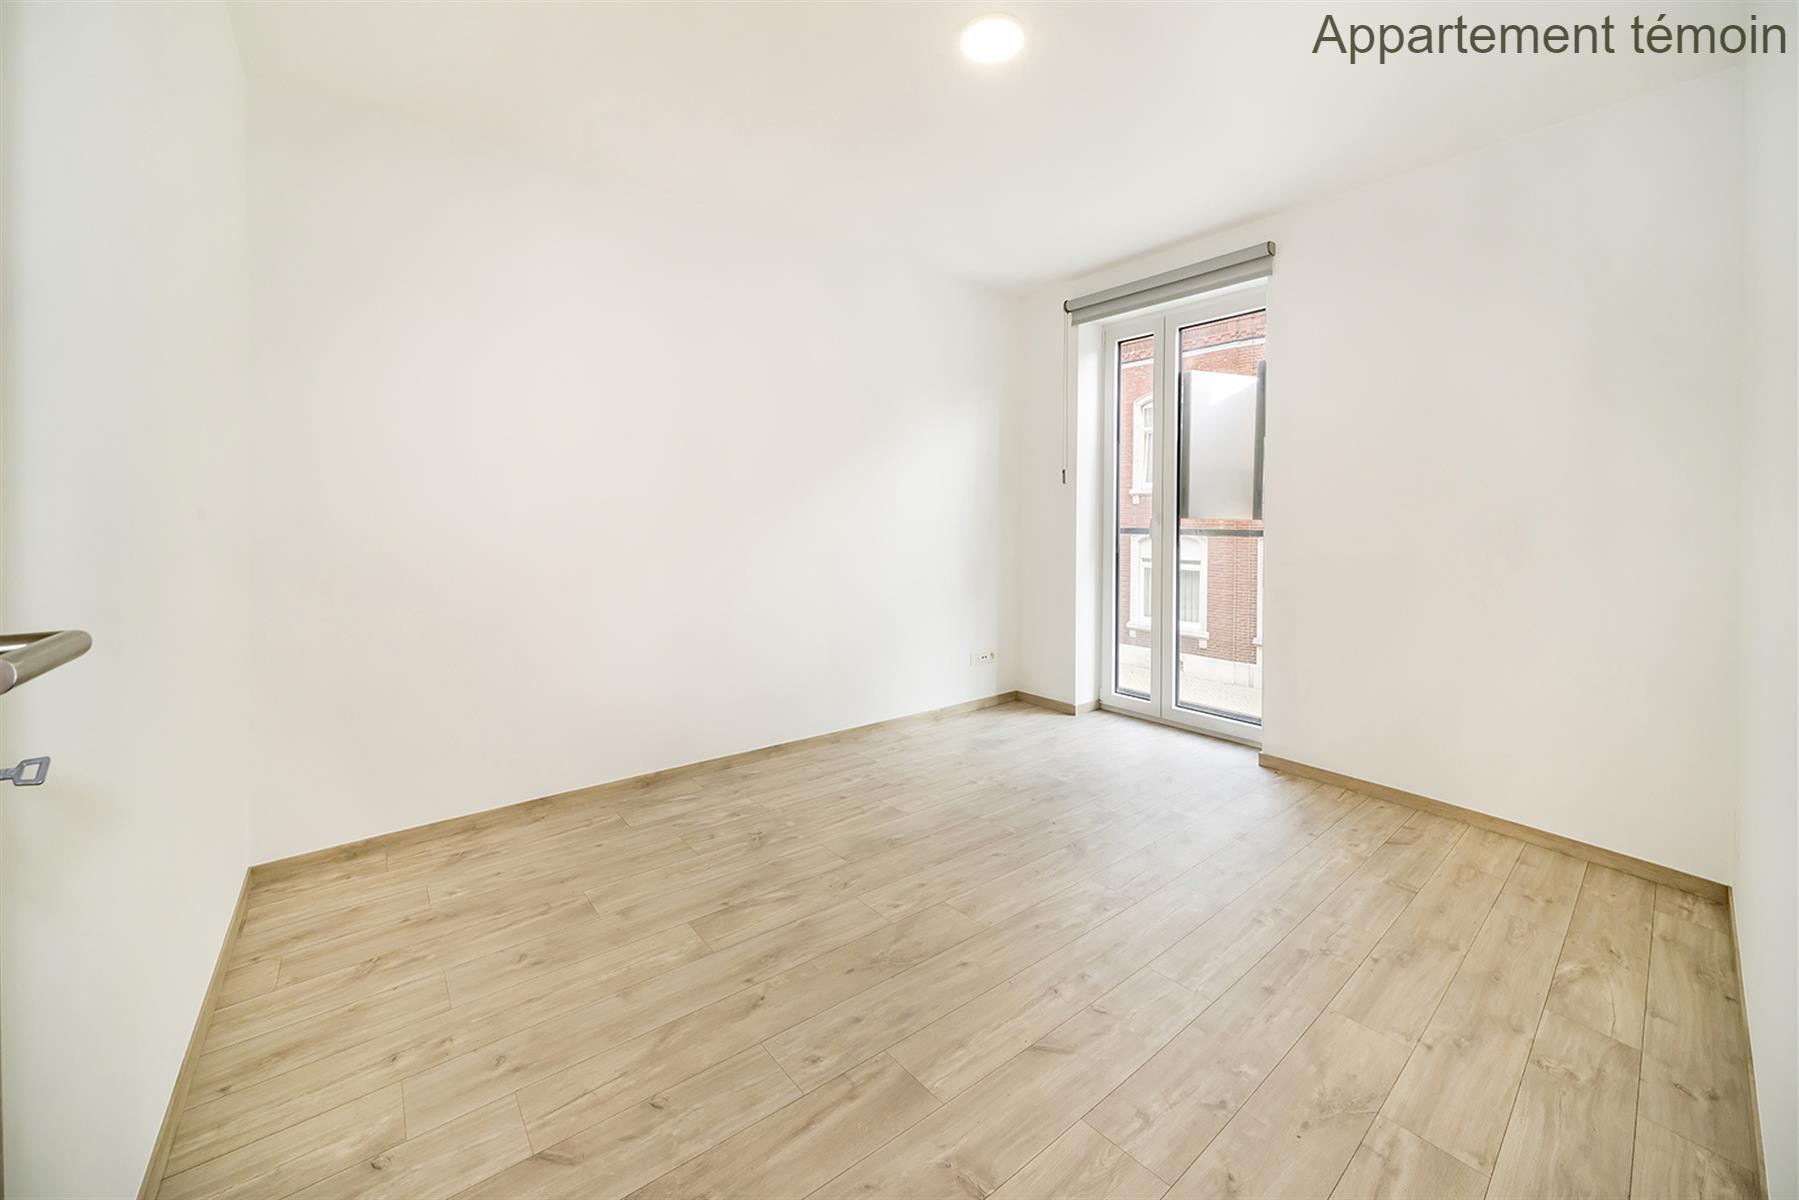 Appartement - Hannut - #3730193-14